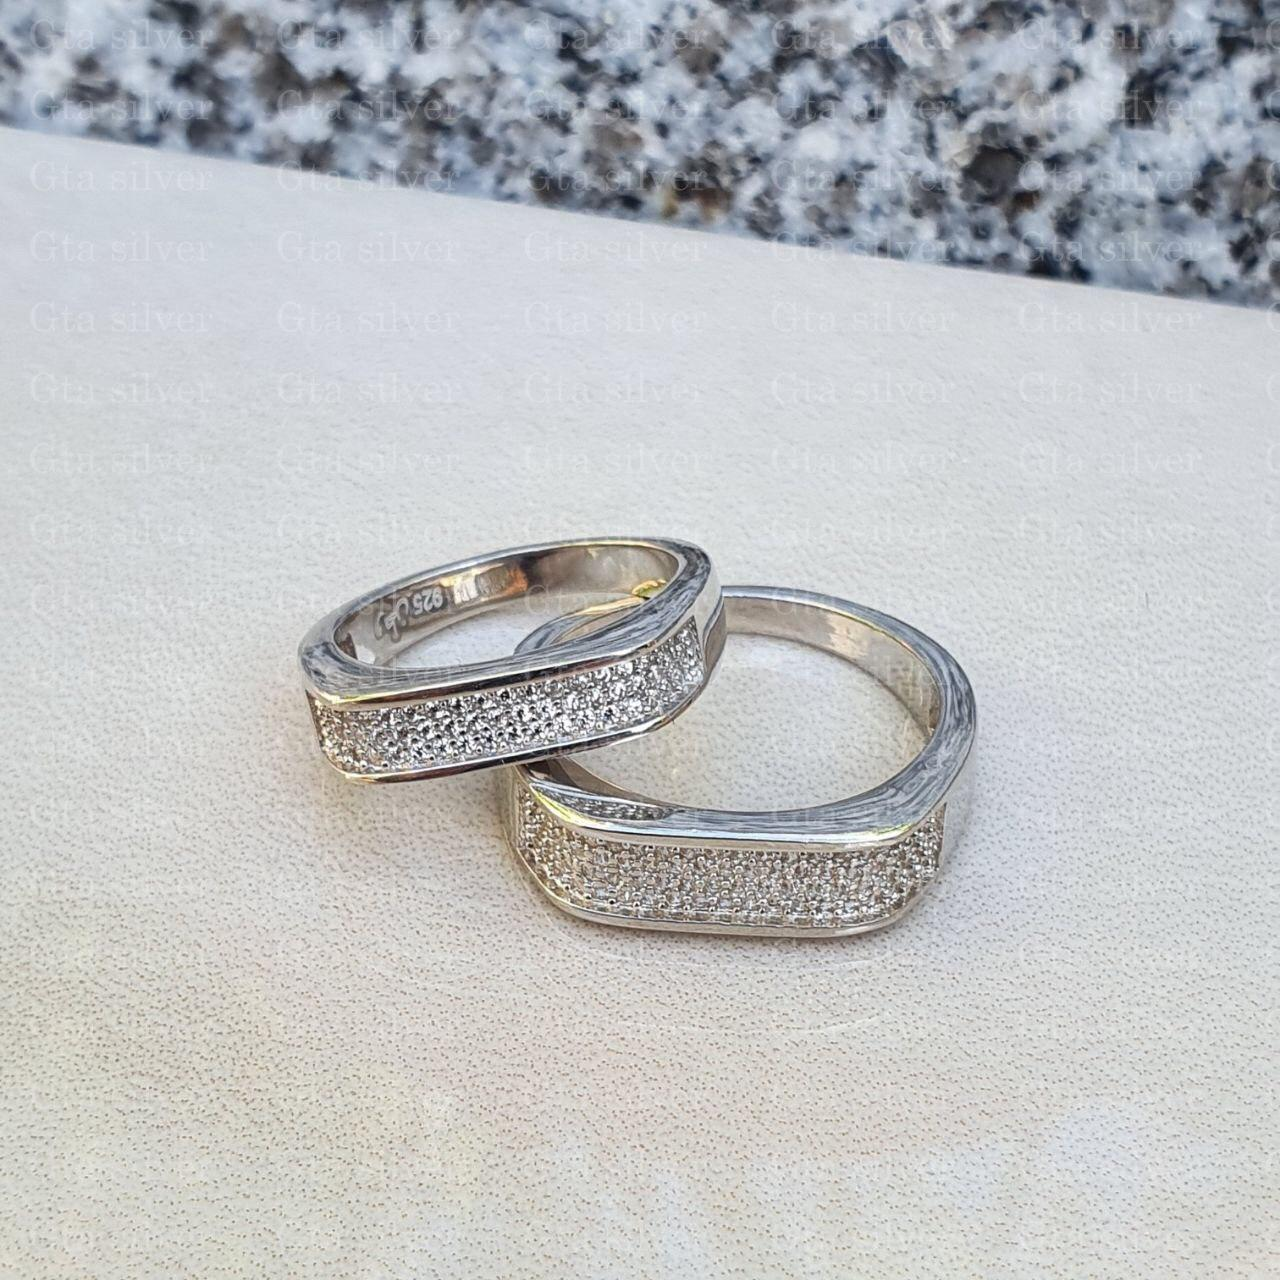 ست حلقه ازدواج وزن 8.5 گرم مدل 57